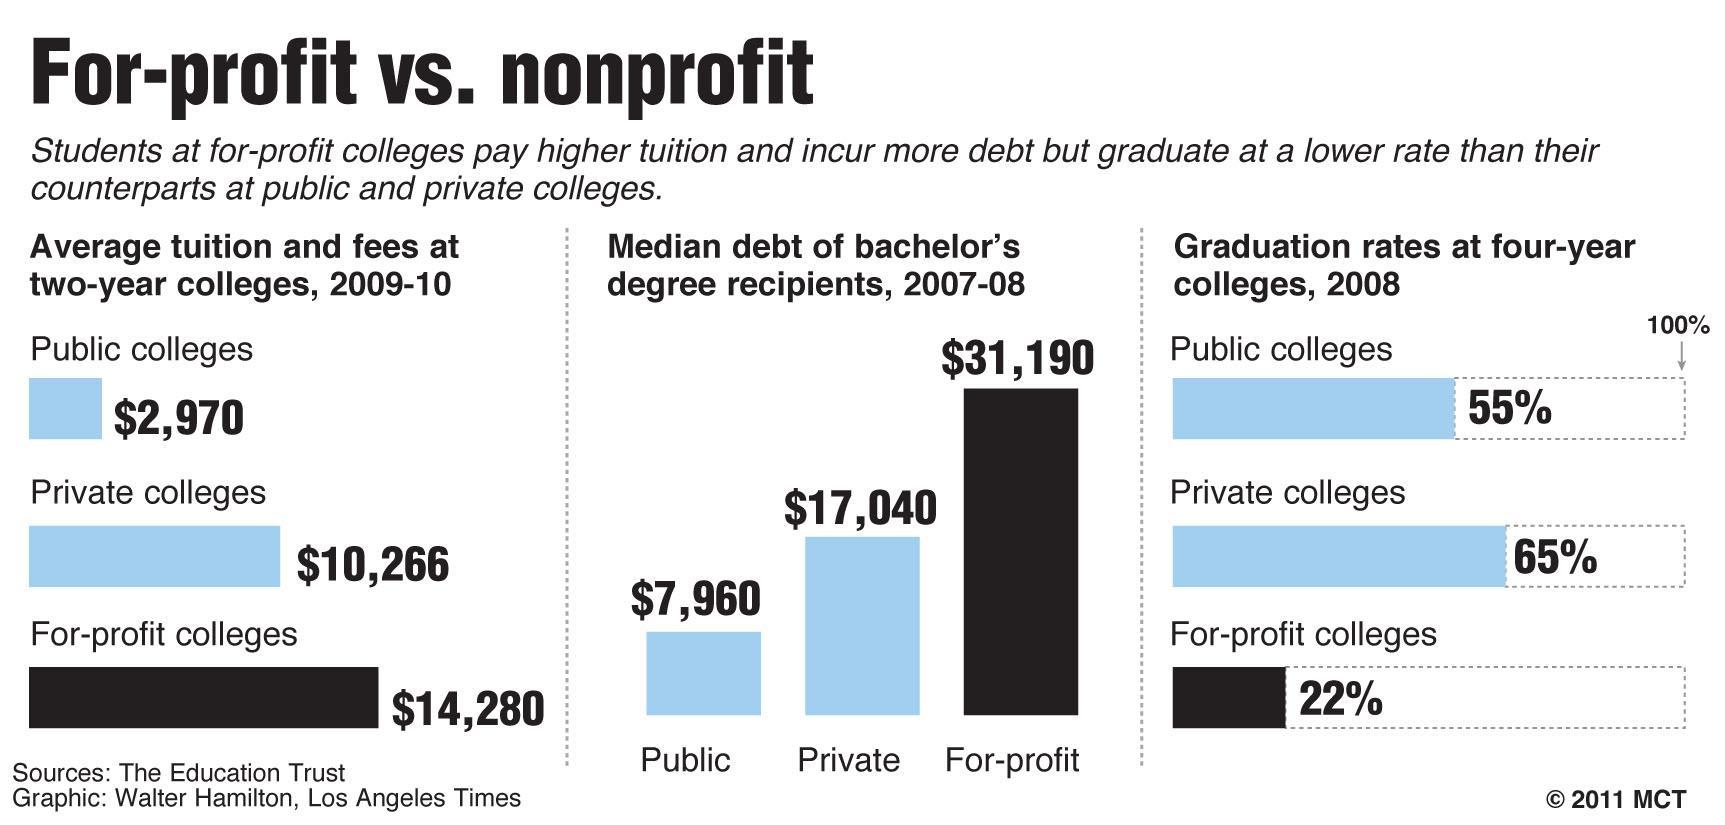 For-profit vs. nonprofit colleges